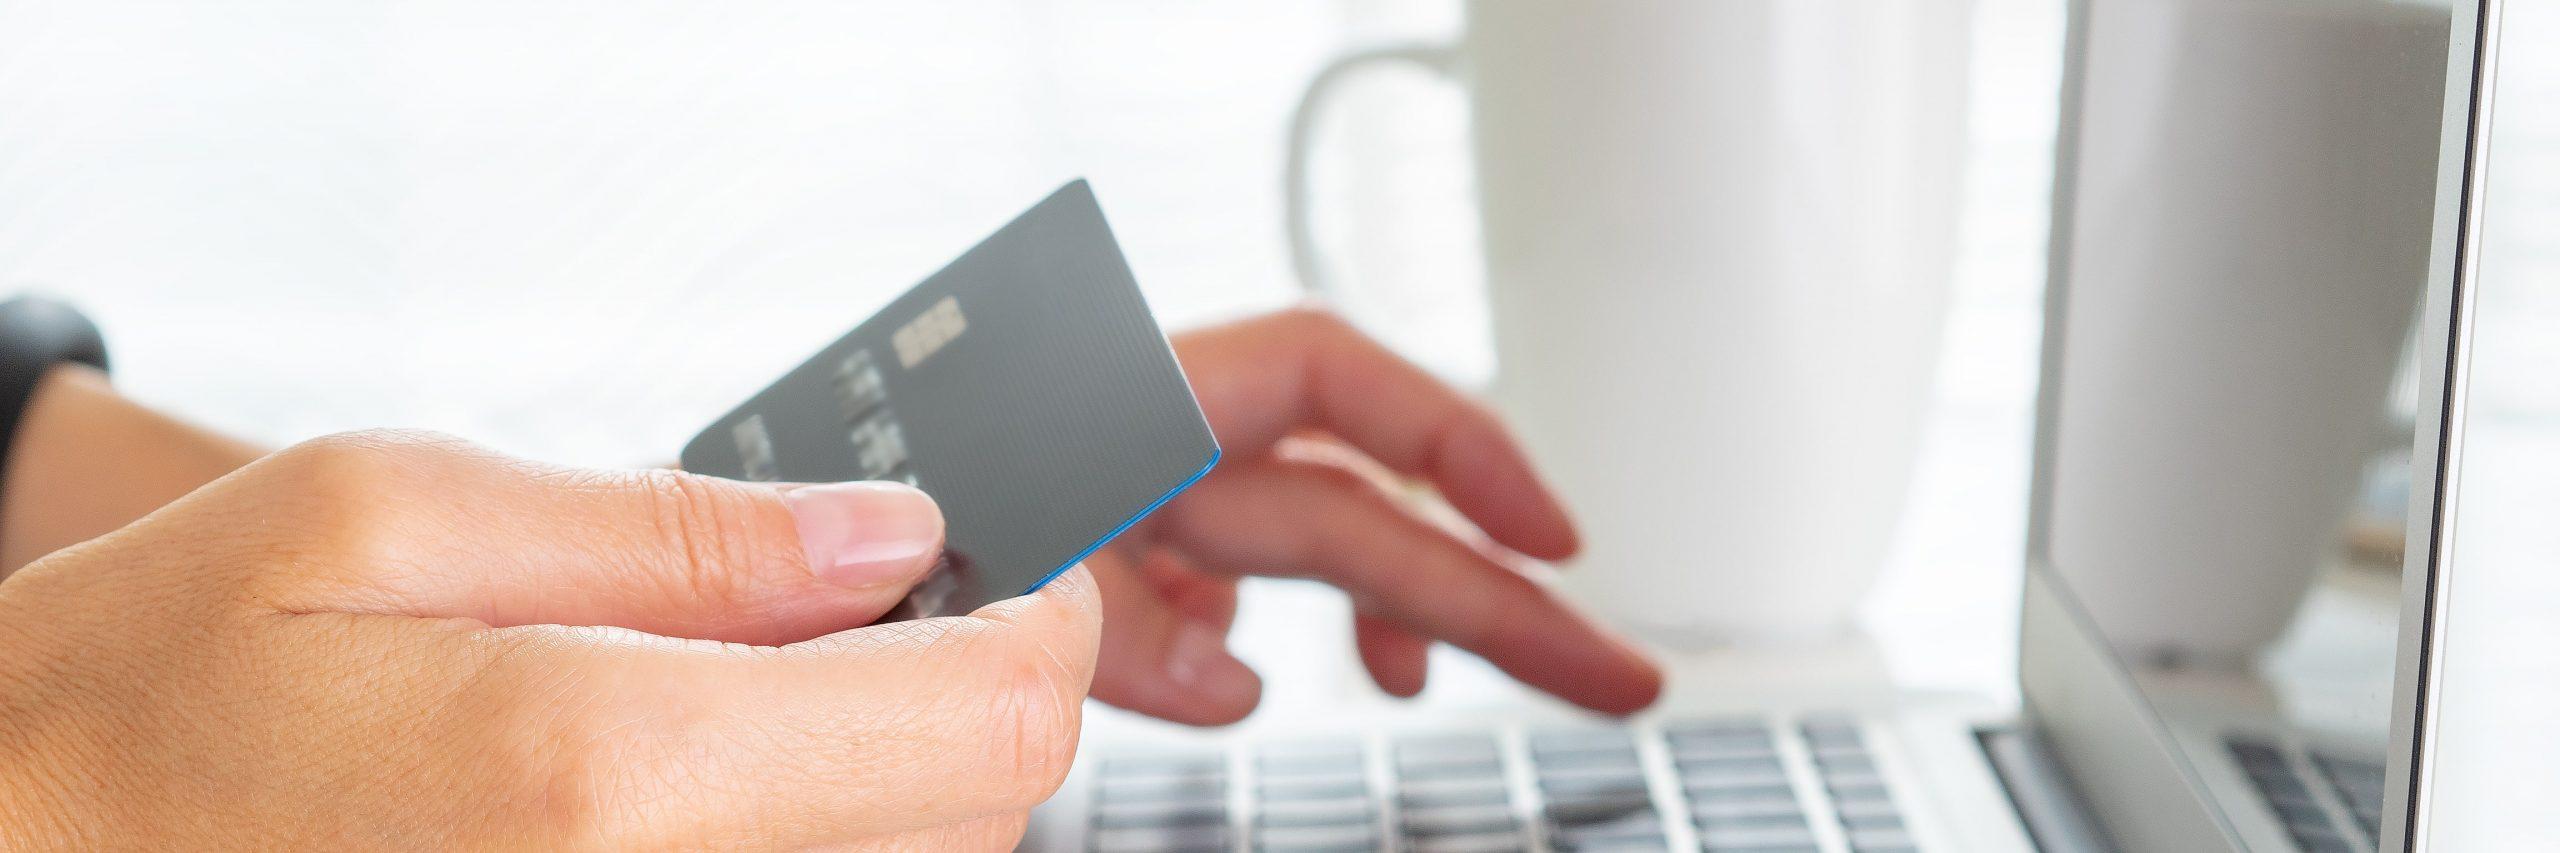 Aprende a registrarte y pagar en nuestra plataforma